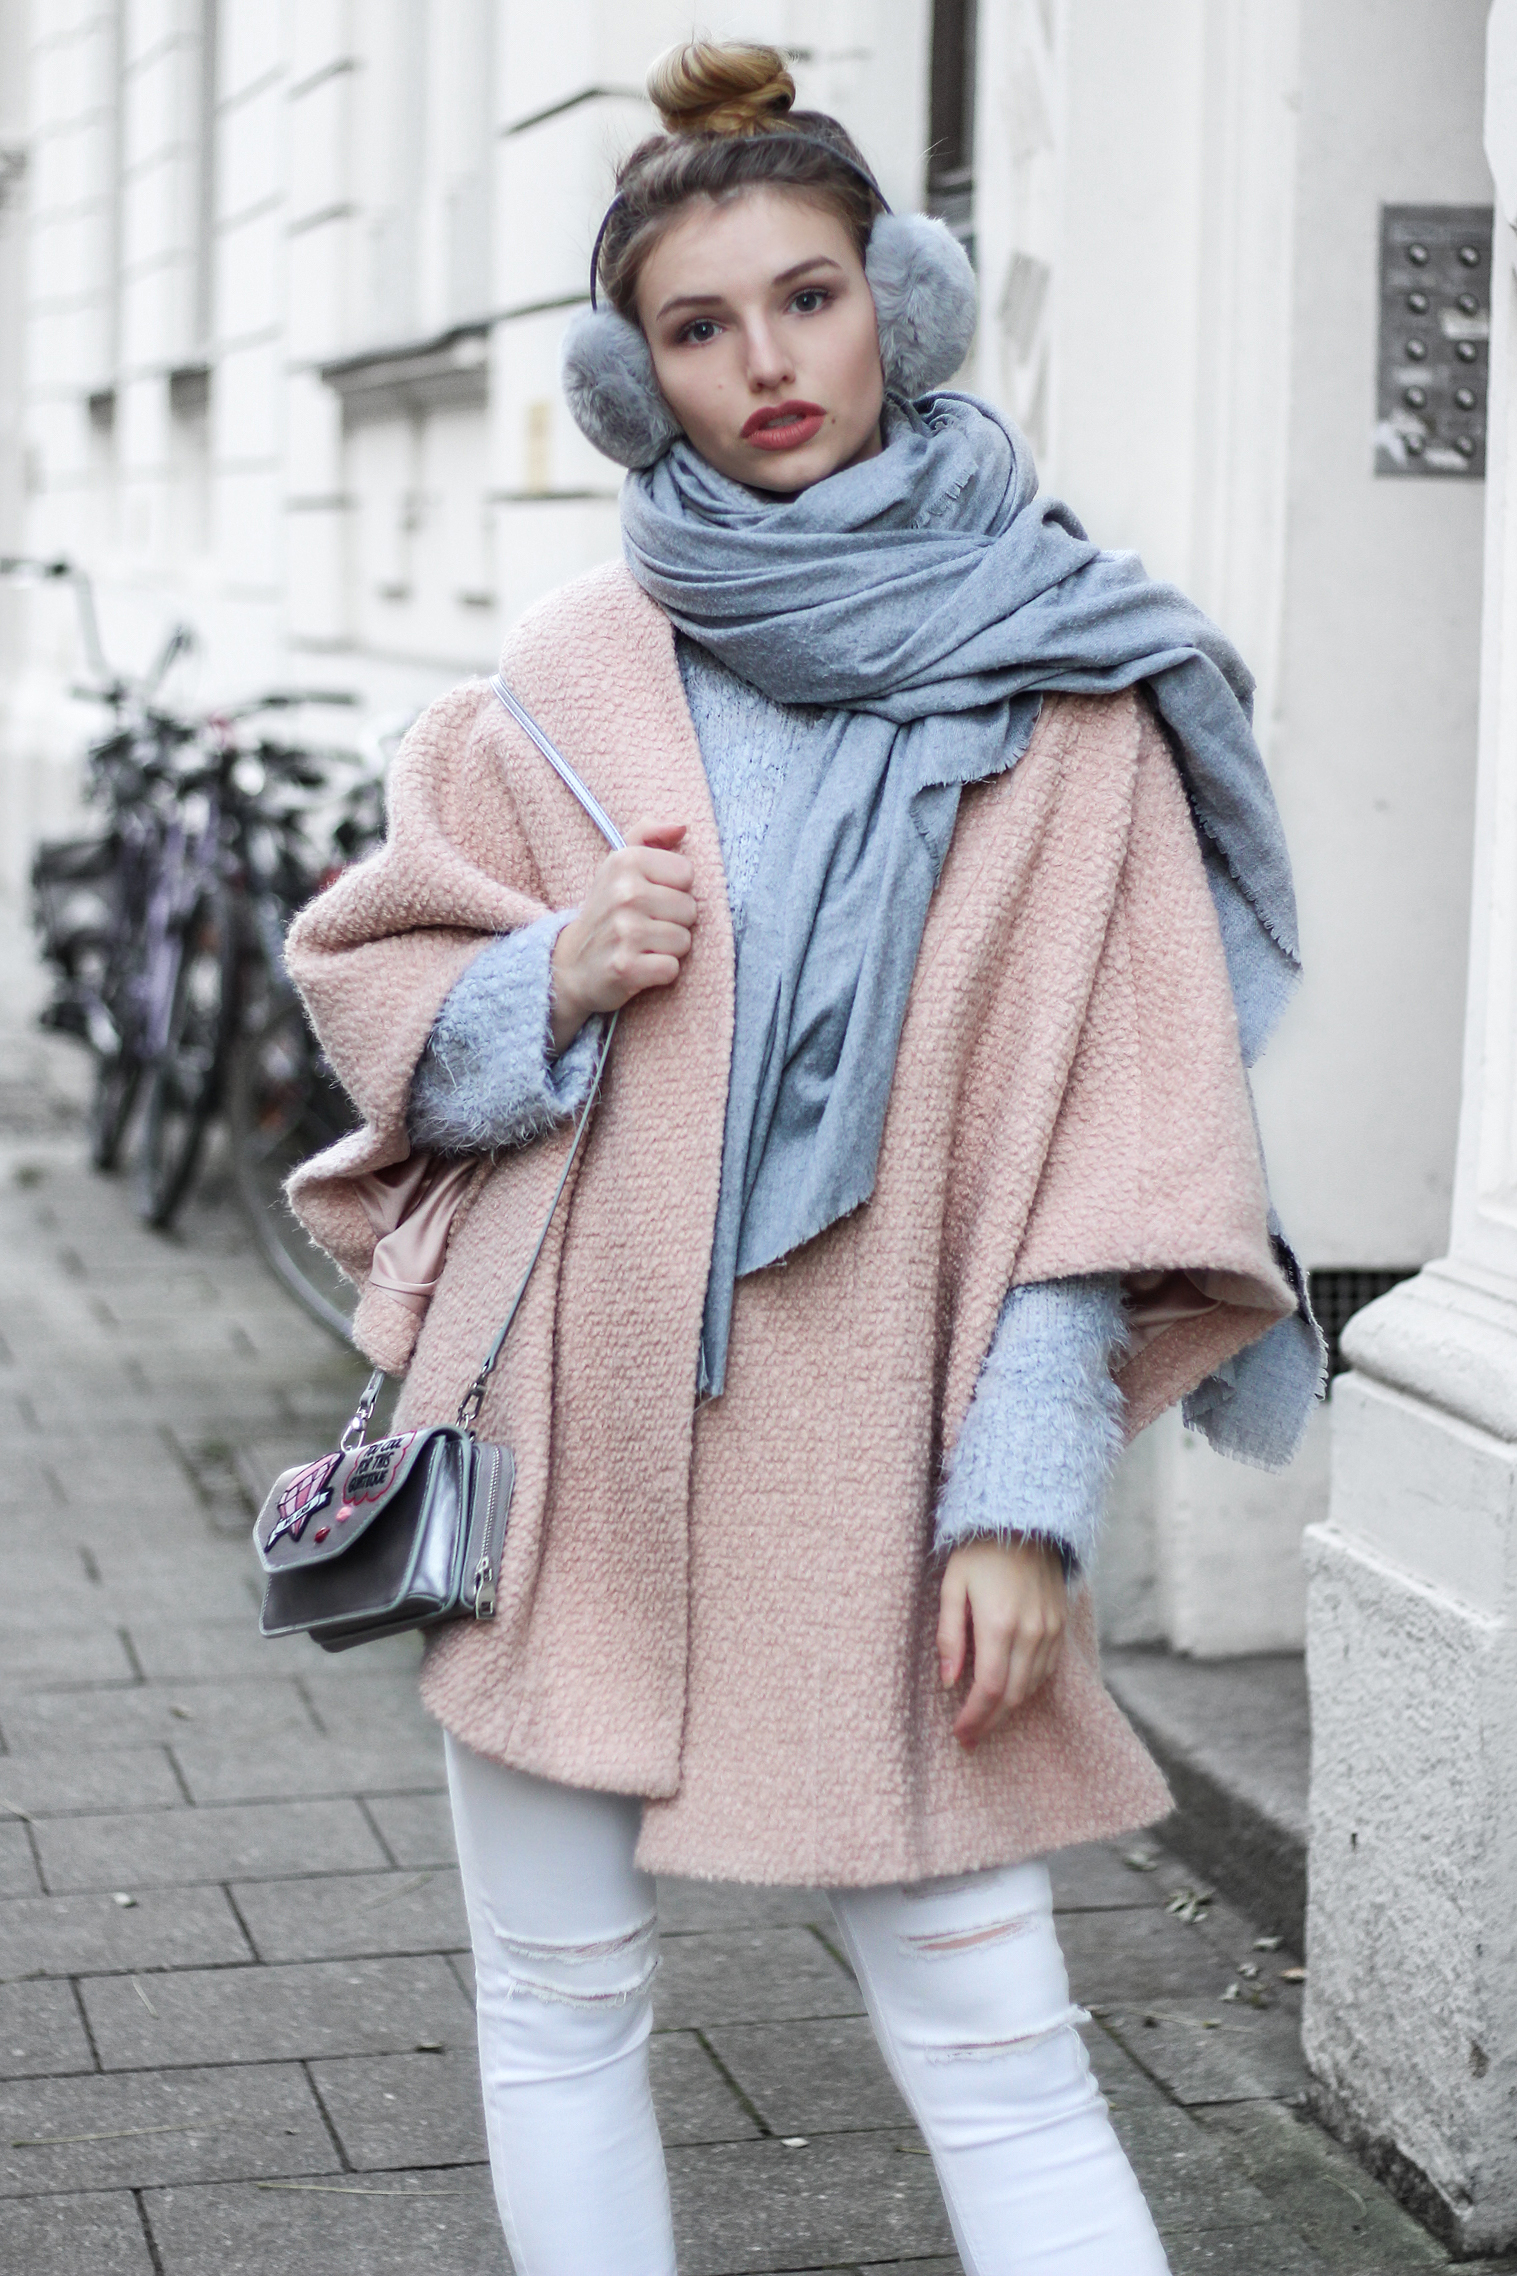 franziska-elea-blogger-aus-muenchen-fashionblog-rosa-mantel-pastell-puderfarben-herbst-winter-trend-2016-ohrenwaermer-ohrwaermer-xxl-schal-pink